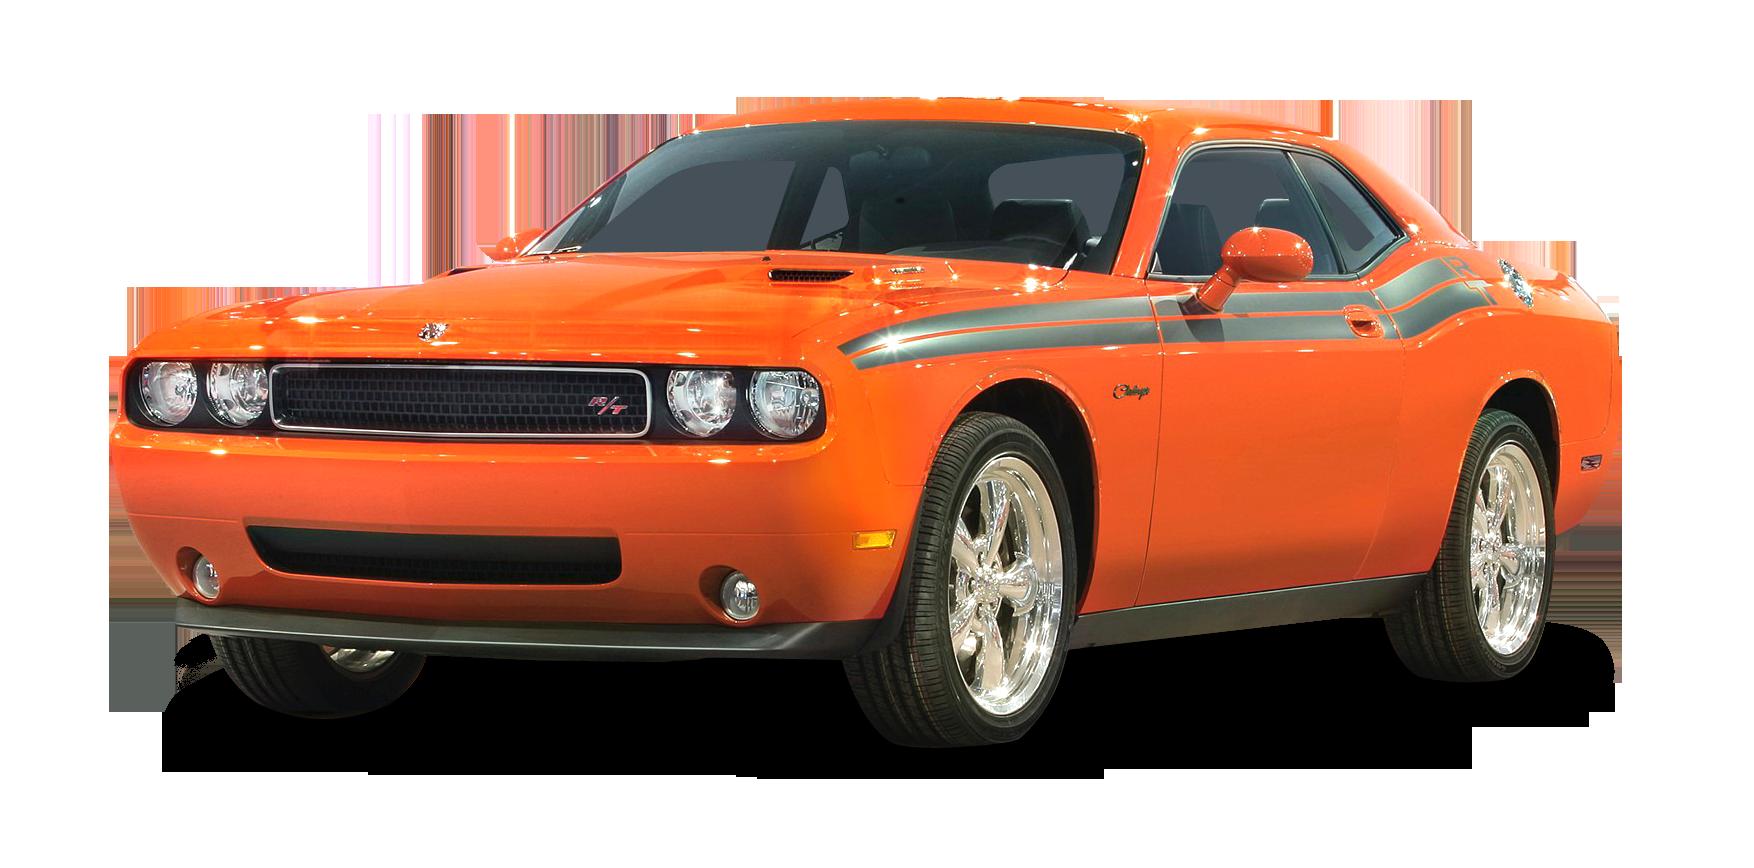 Orange Dodge Challenger RT Car PNG Image